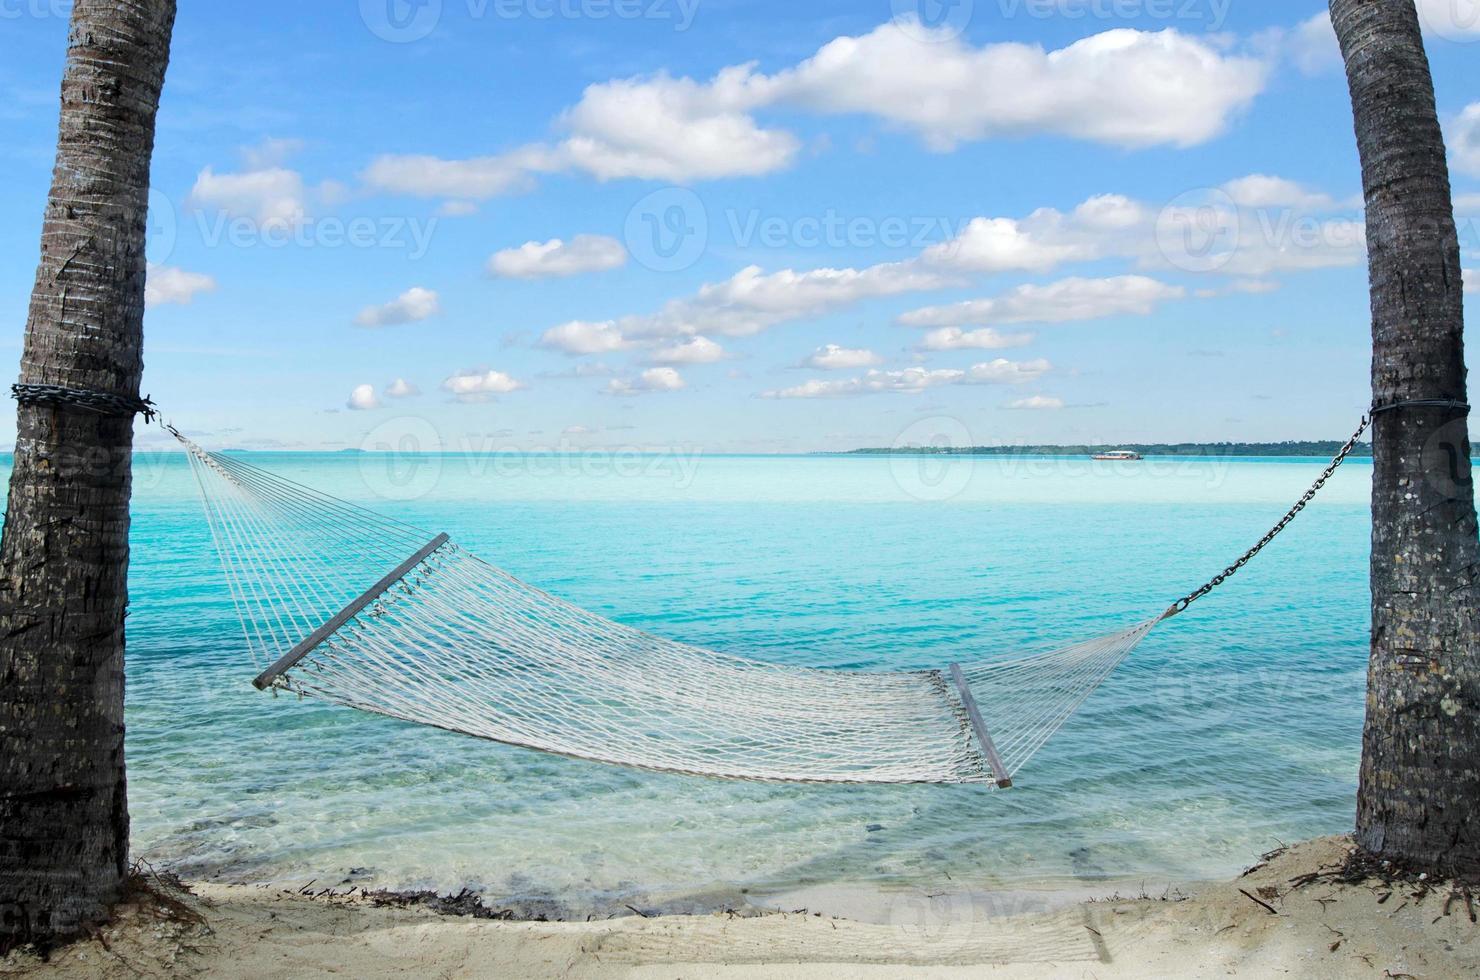 hamaca en cocoteros en isla tropical foto